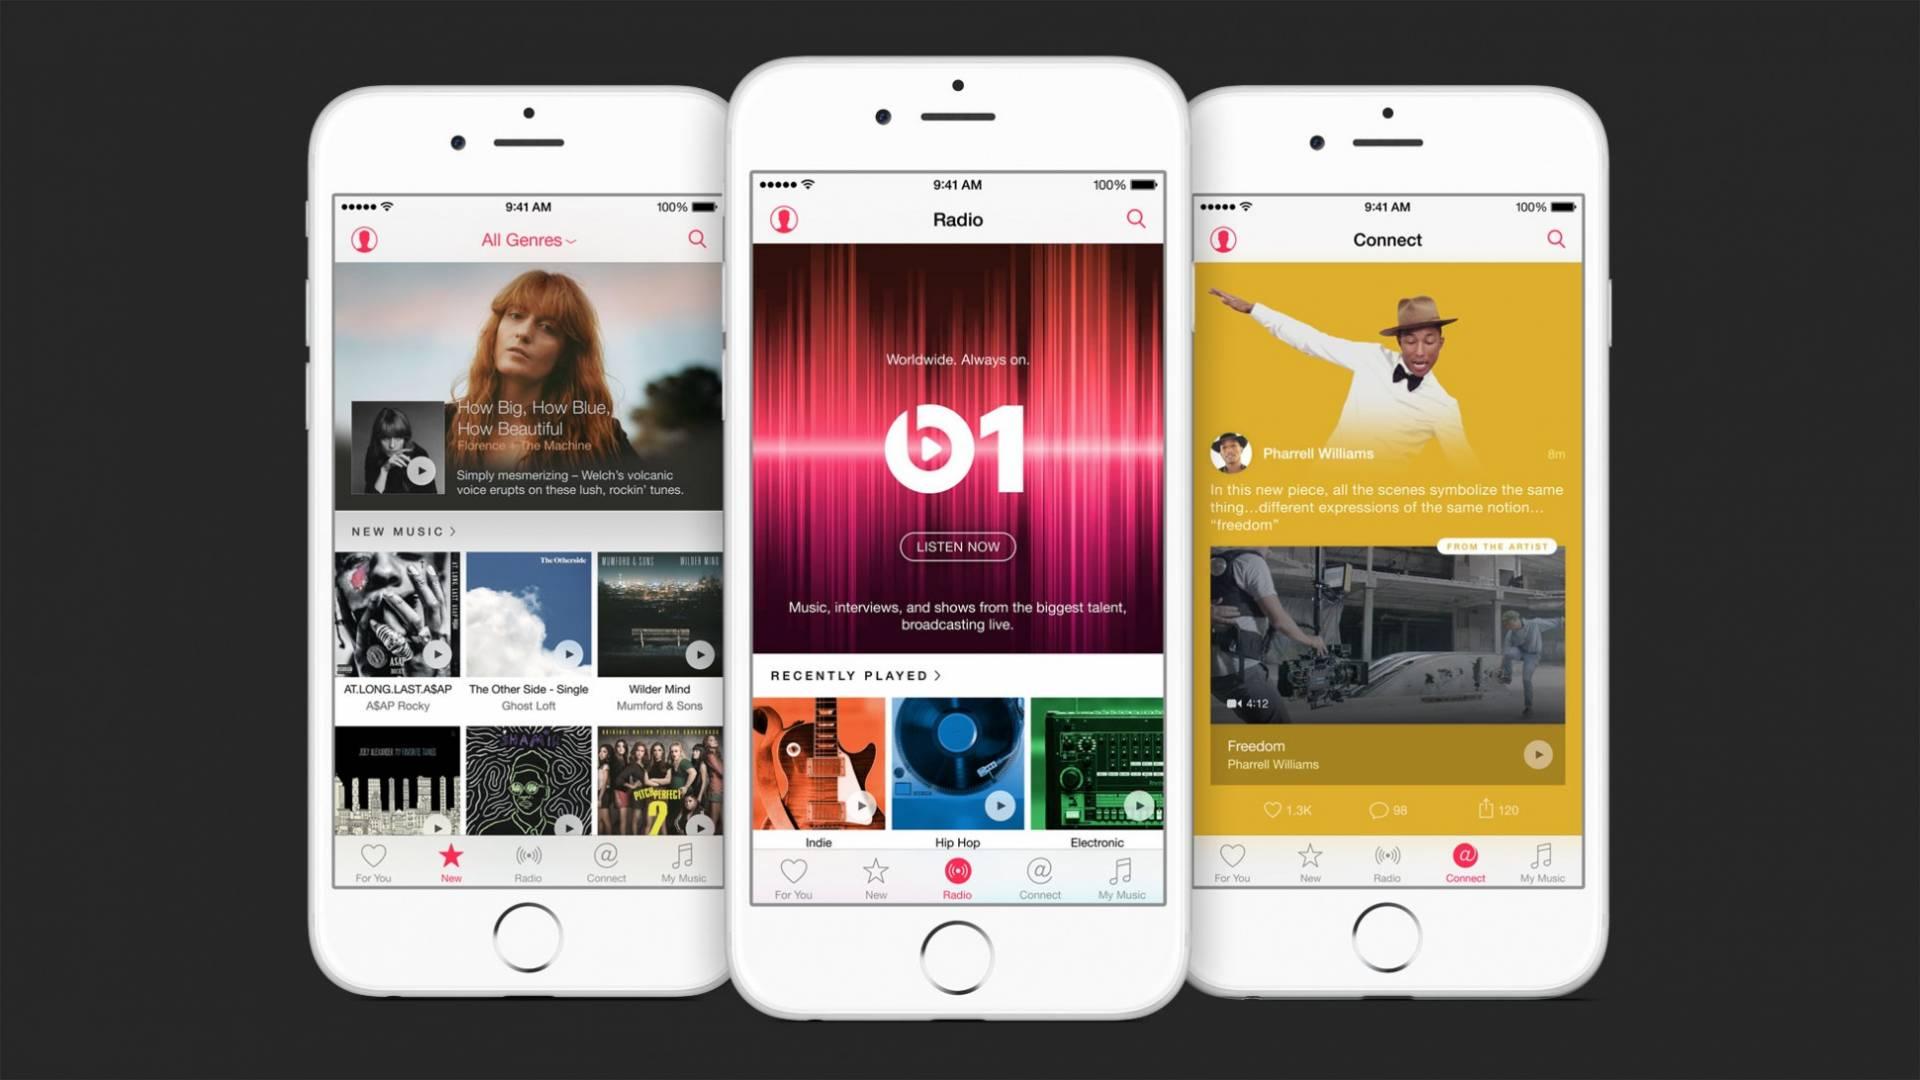 apple Come rimuovere labbonamento automatico ad Apple Music dopo il periodo di prova